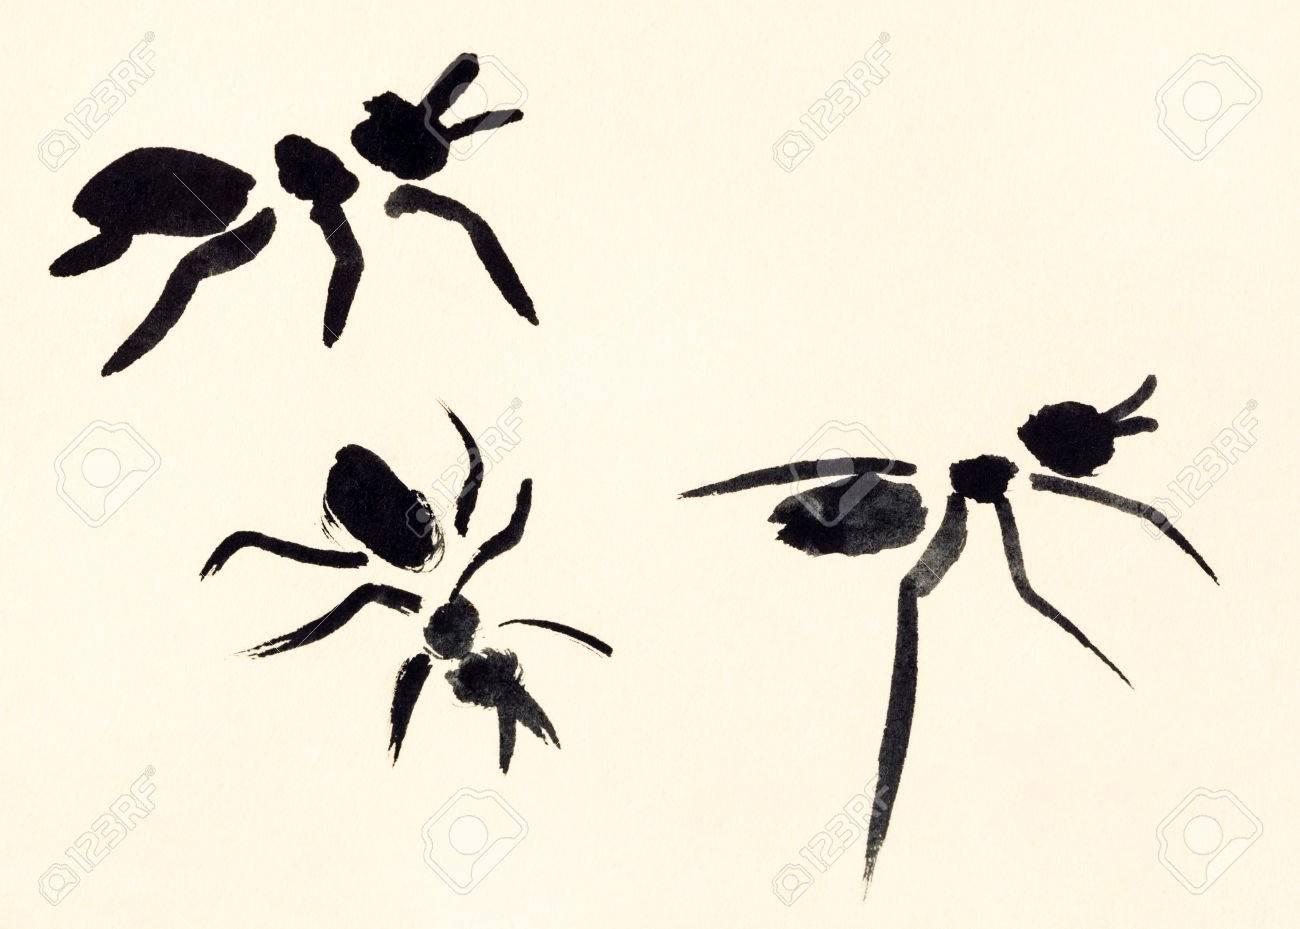 Dessin Dentraînement Dans Le Style Sumi E De Suibokuga Avec Des Peintures à Laquarelle Trois Fourmis Peintes à La Main Sur Du Papier De Couleur